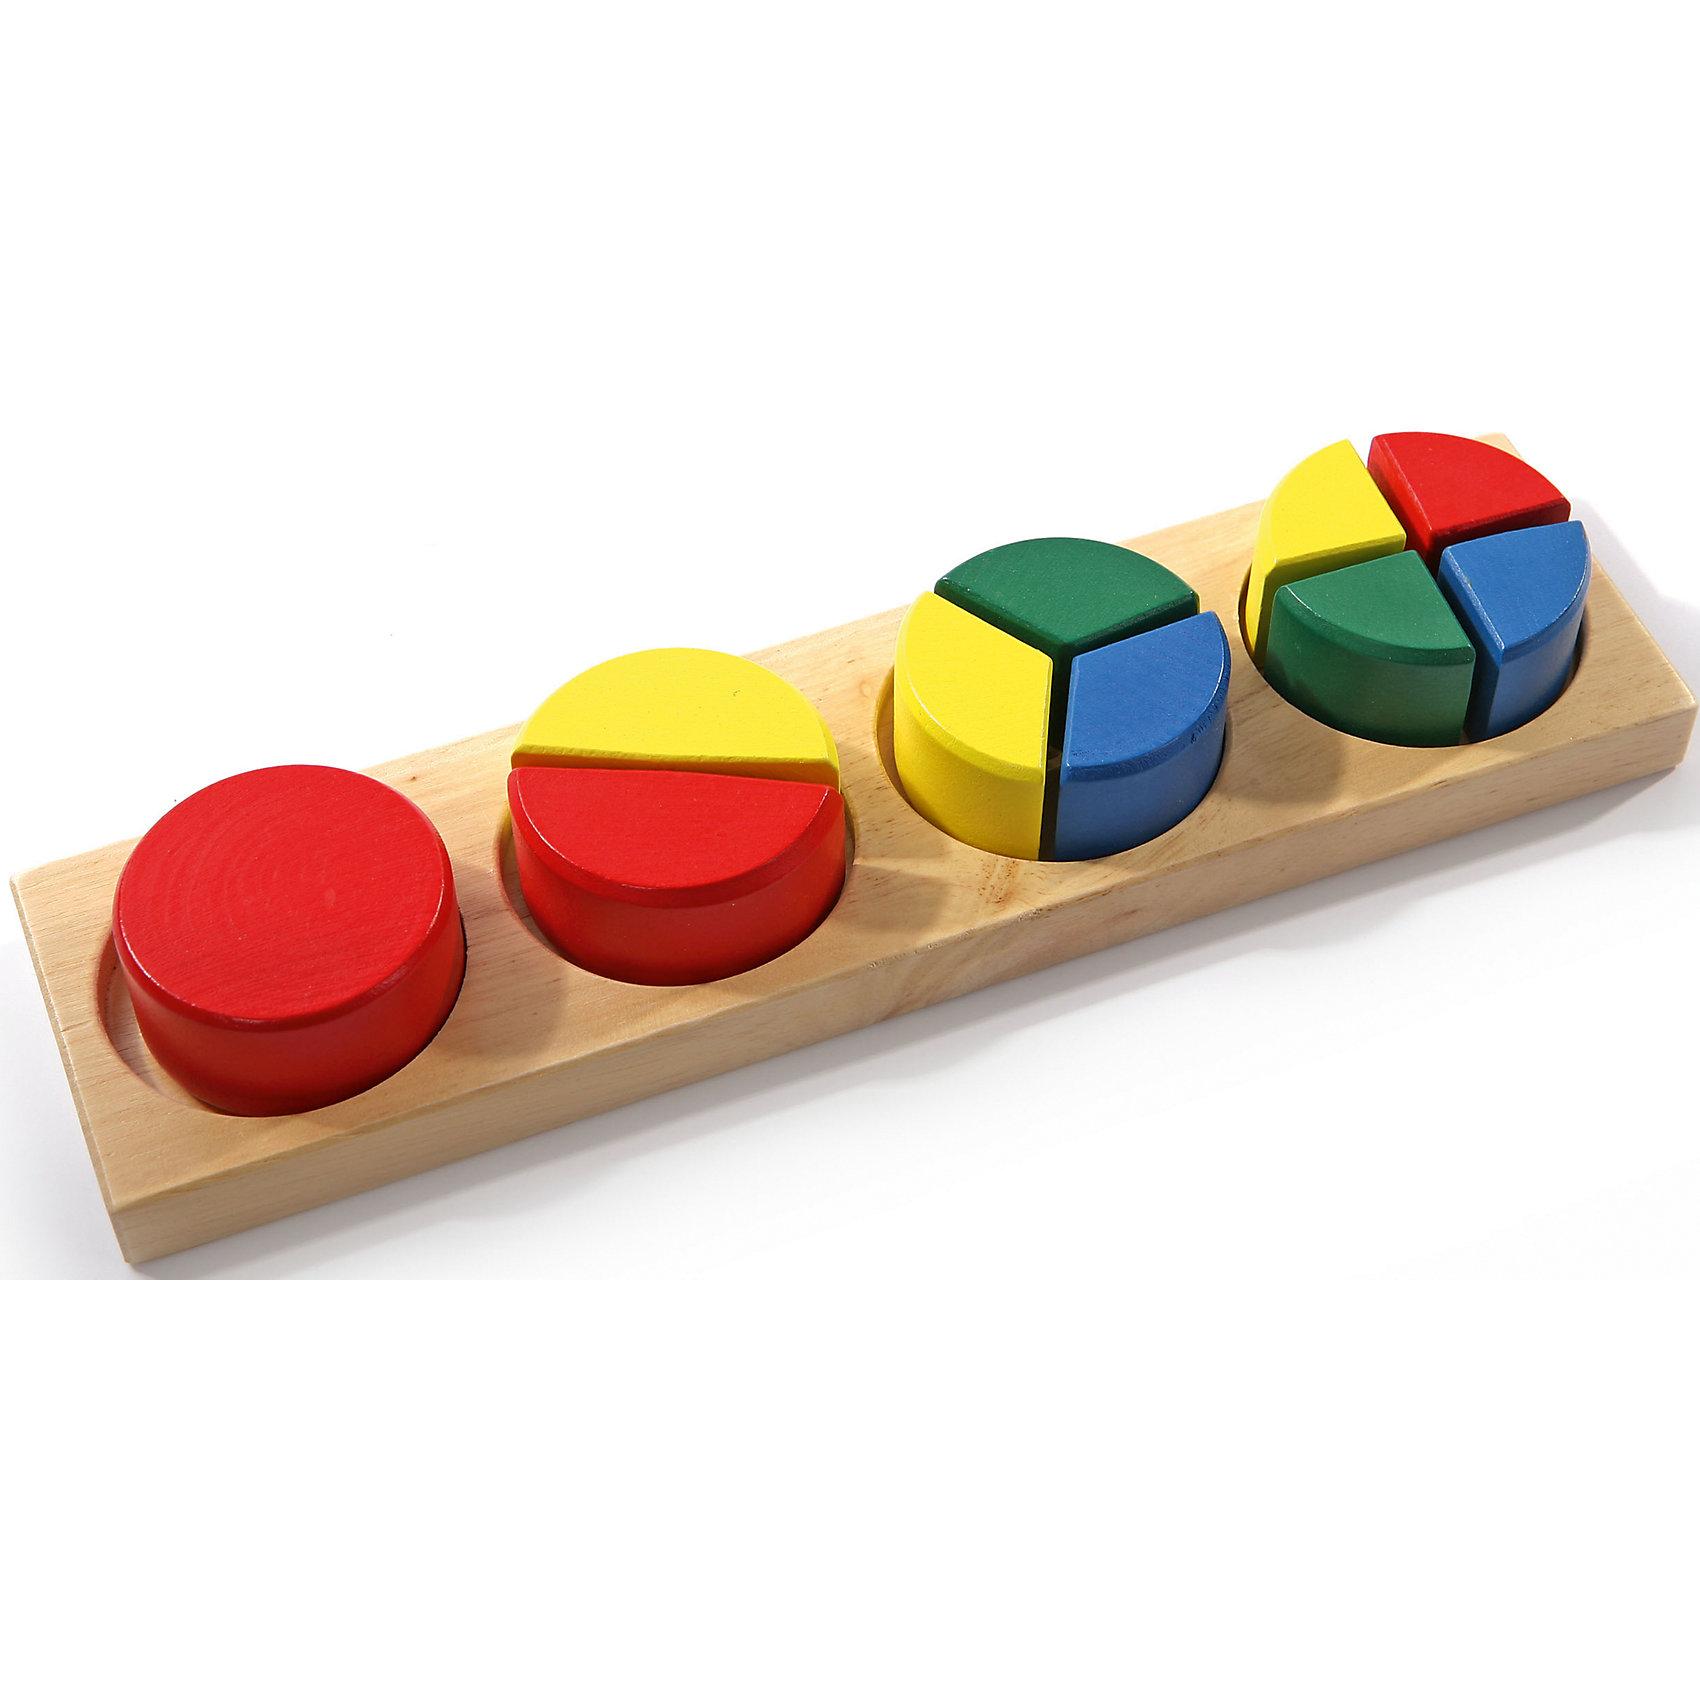 Дроби малые 1 (круг), Мир деревянных игрушекДеревянные игры и пазлы<br>Изучать дроби можно, играя! Специально для самых маленьких разработаны сортеры, сделанные из приятного на ощупь дерева, тщательно обработанного и окрашенного. Вставляя части фигур в рамки, малыш будет запоминать действия с дробями, учиться соотносить фигуры, распознавать цвета, развивать пространственное мышление, память и мелкую моторику. Этот пазл произведен из качественных и безопасных для детей материалов.<br><br>Дополнительная информация:<br><br>цвет: разноцветный;<br>материал: дерево;<br>размер: 25 х 8 х 5 см.<br><br>Пазл Дроби малые 1 (круг) от бренда Мир деревянных игрушек можно купить в нашем магазине.<br><br>Ширина мм: 250<br>Глубина мм: 70<br>Высота мм: 35<br>Вес г: 500<br>Возраст от месяцев: 36<br>Возраст до месяцев: 144<br>Пол: Унисекс<br>Возраст: Детский<br>SKU: 4969262